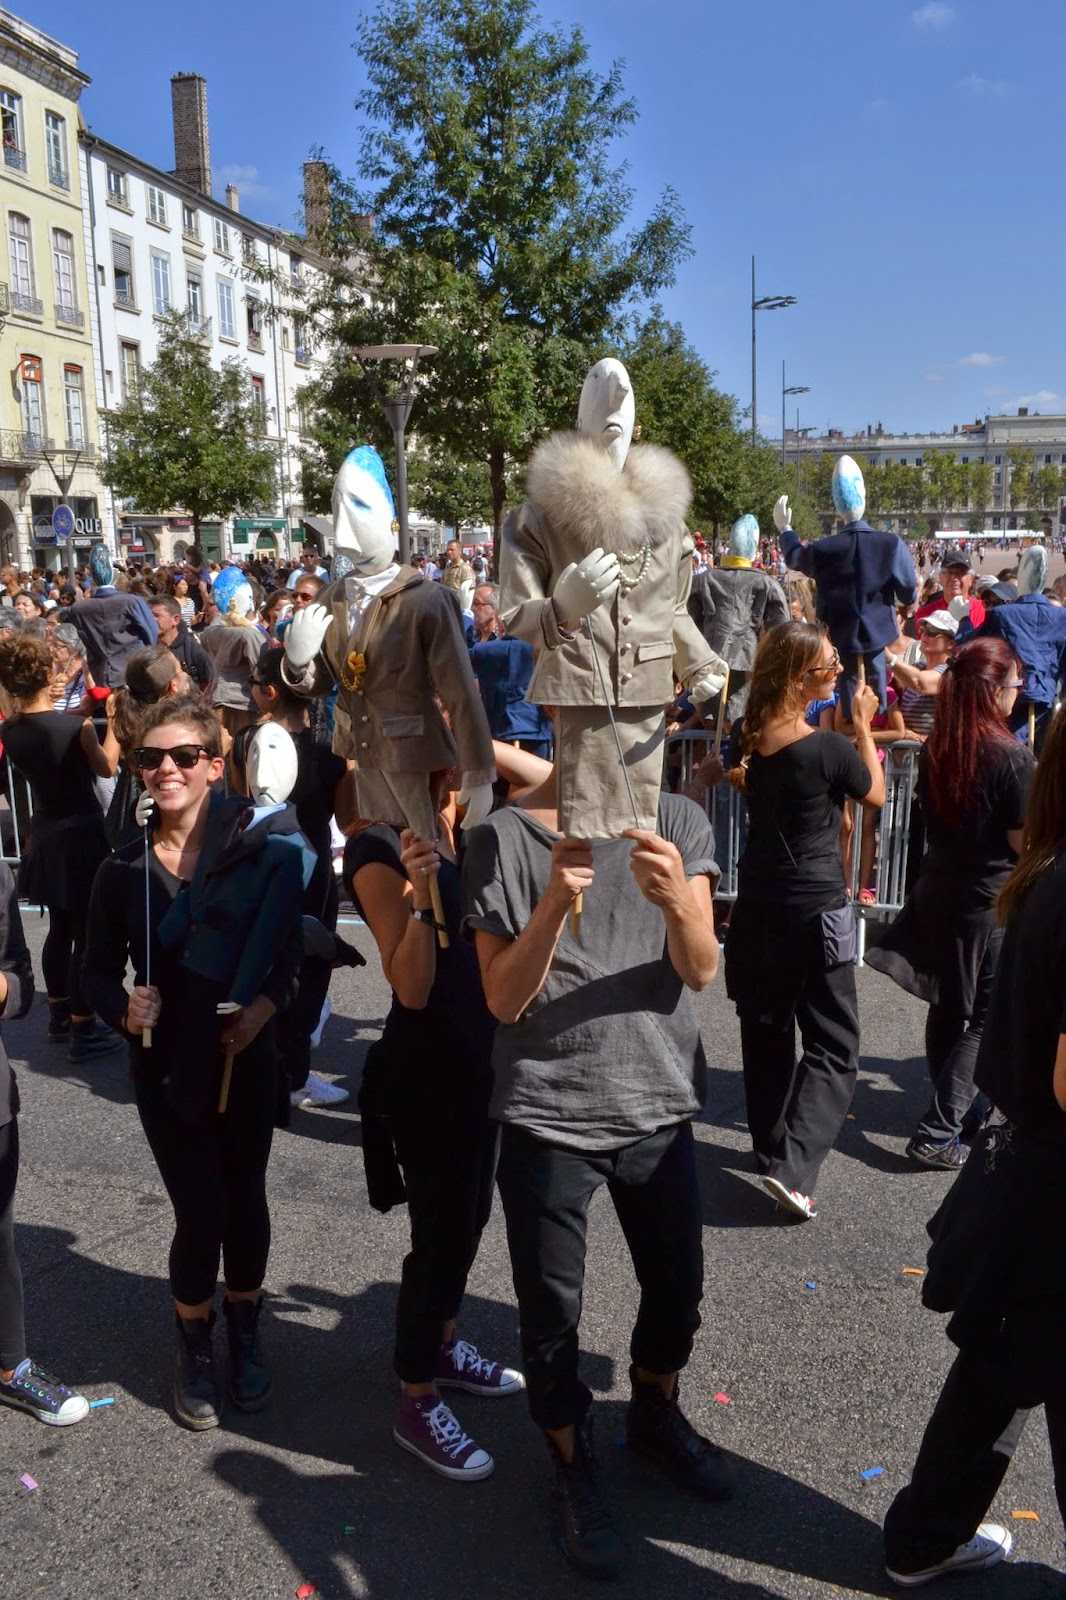 Biennale de la danse lyon 10ème défilé 14 septembre 2014 Terreaux Bellecour